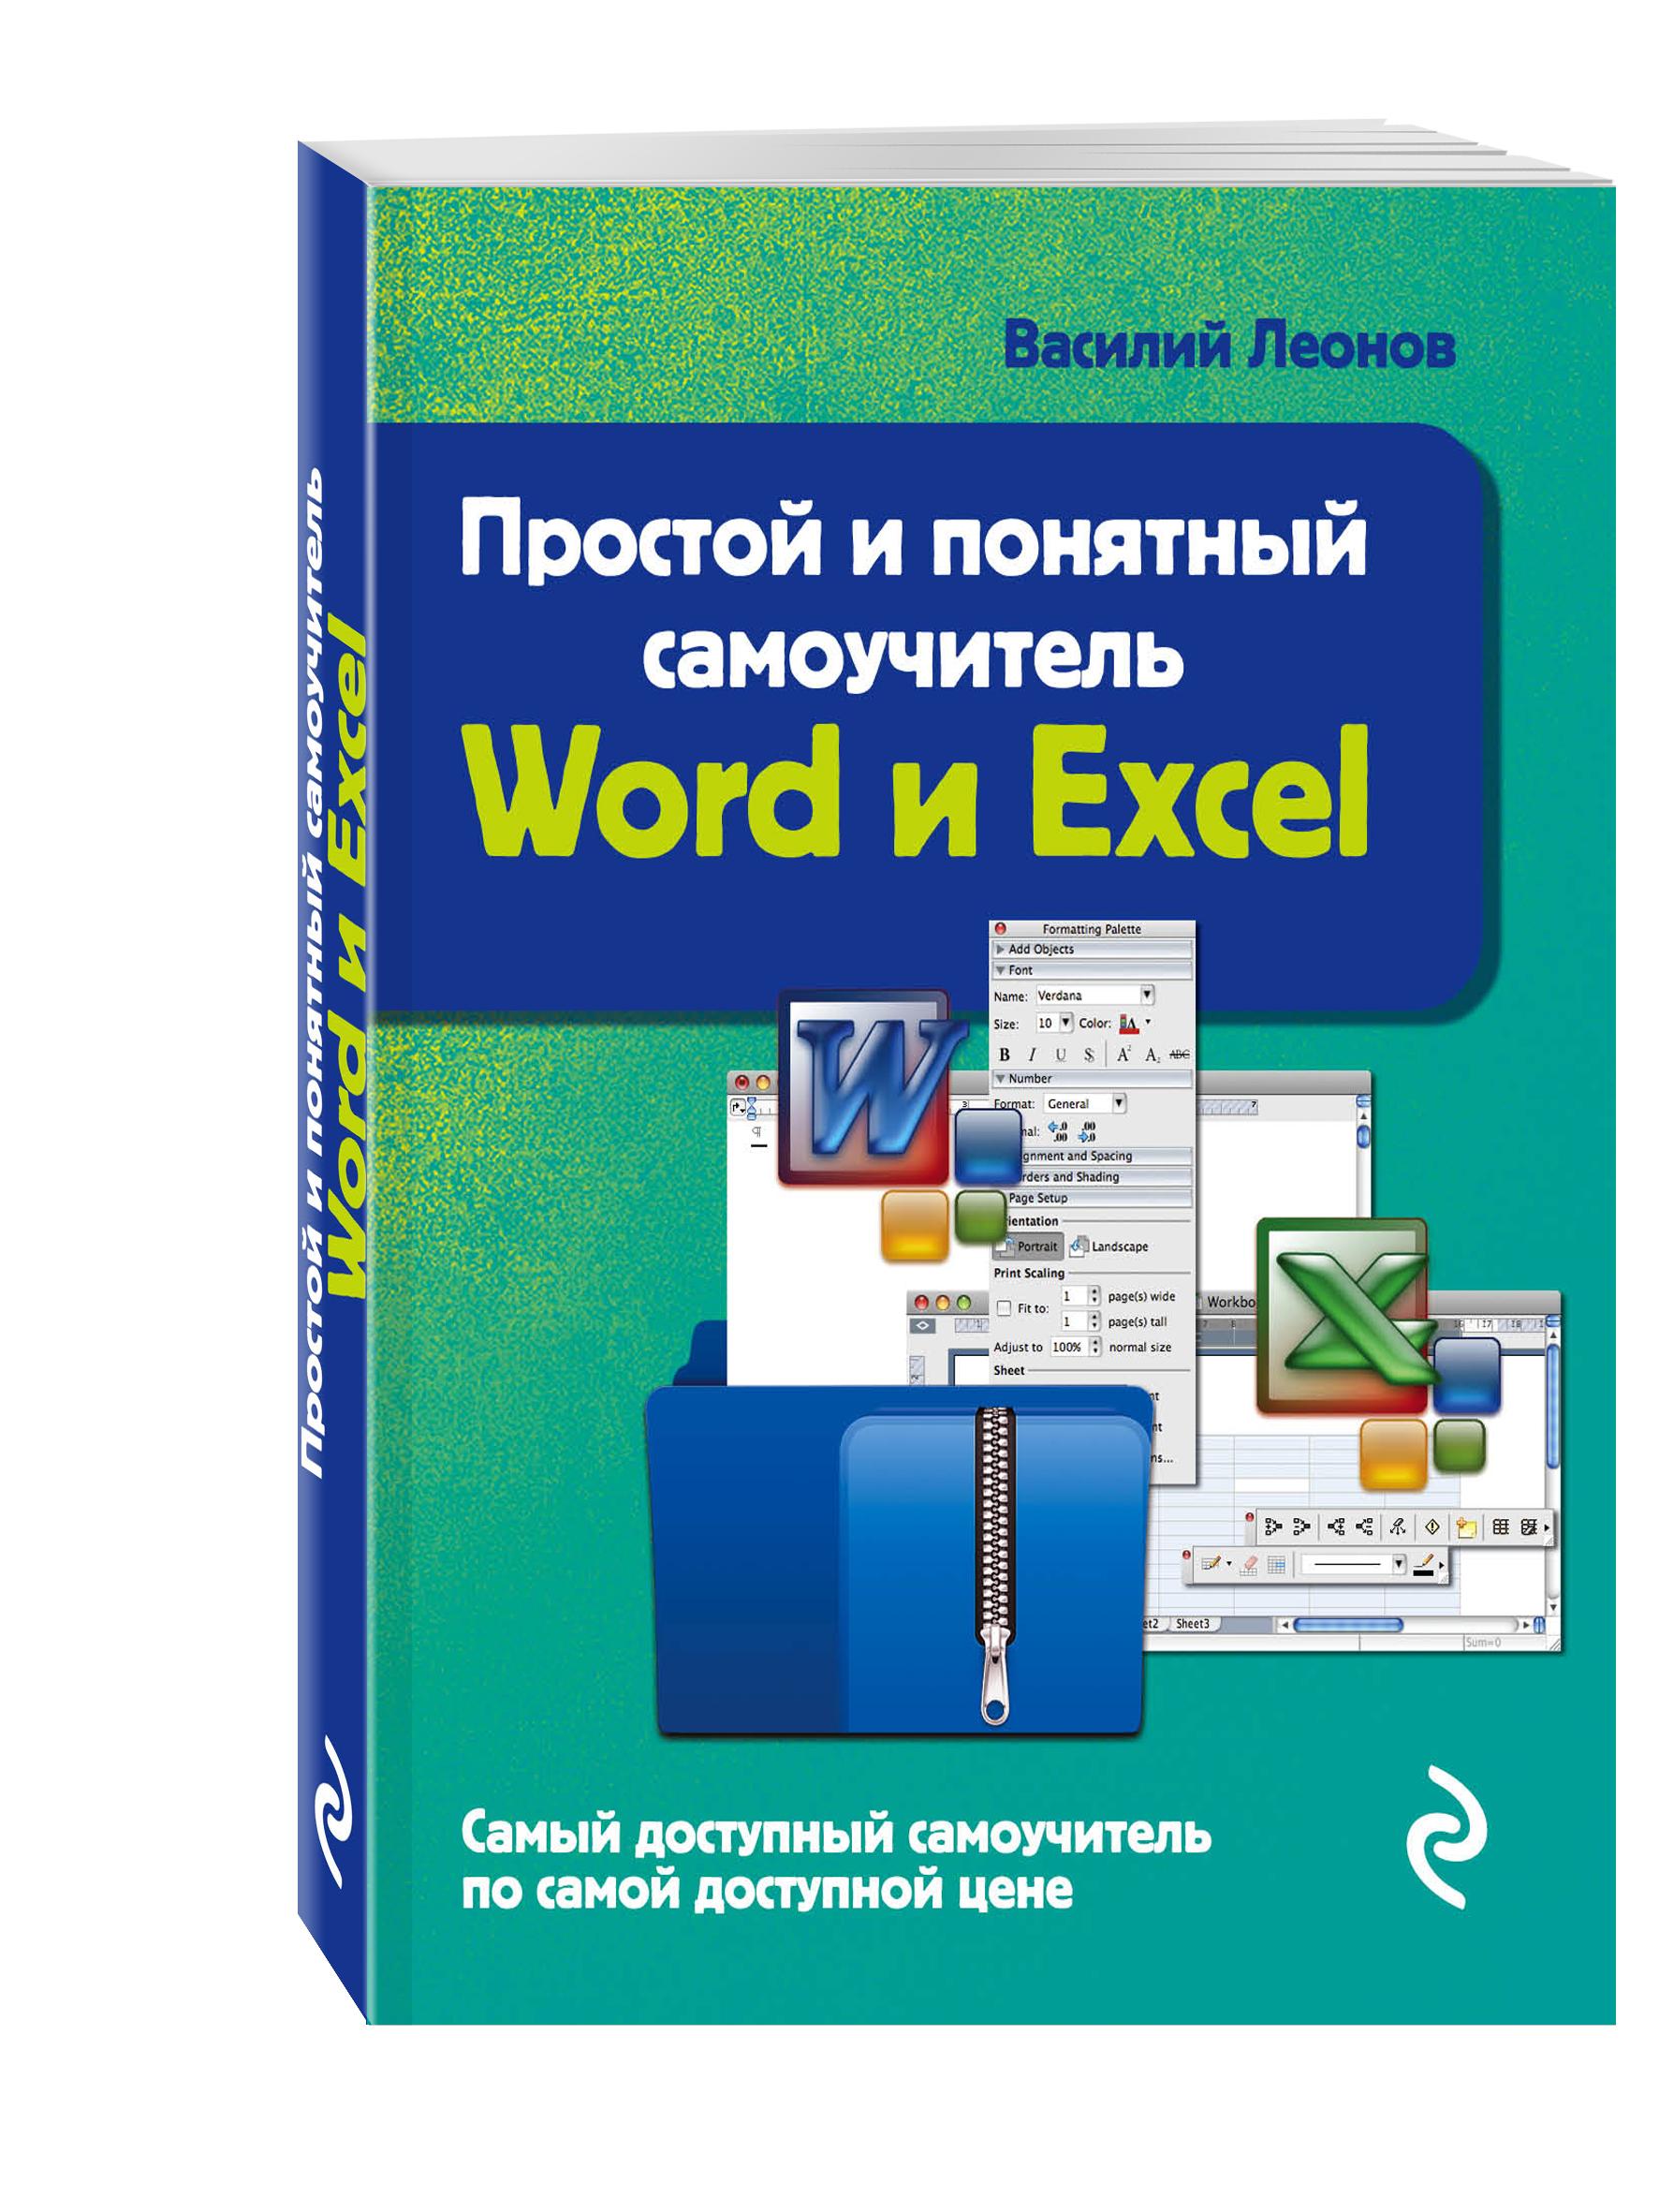 Василий Леонов Простой и понятный самоучитель Word и Excel. 2-е издание леонов в простой и понятный самоучитель word и excel 2 е издание